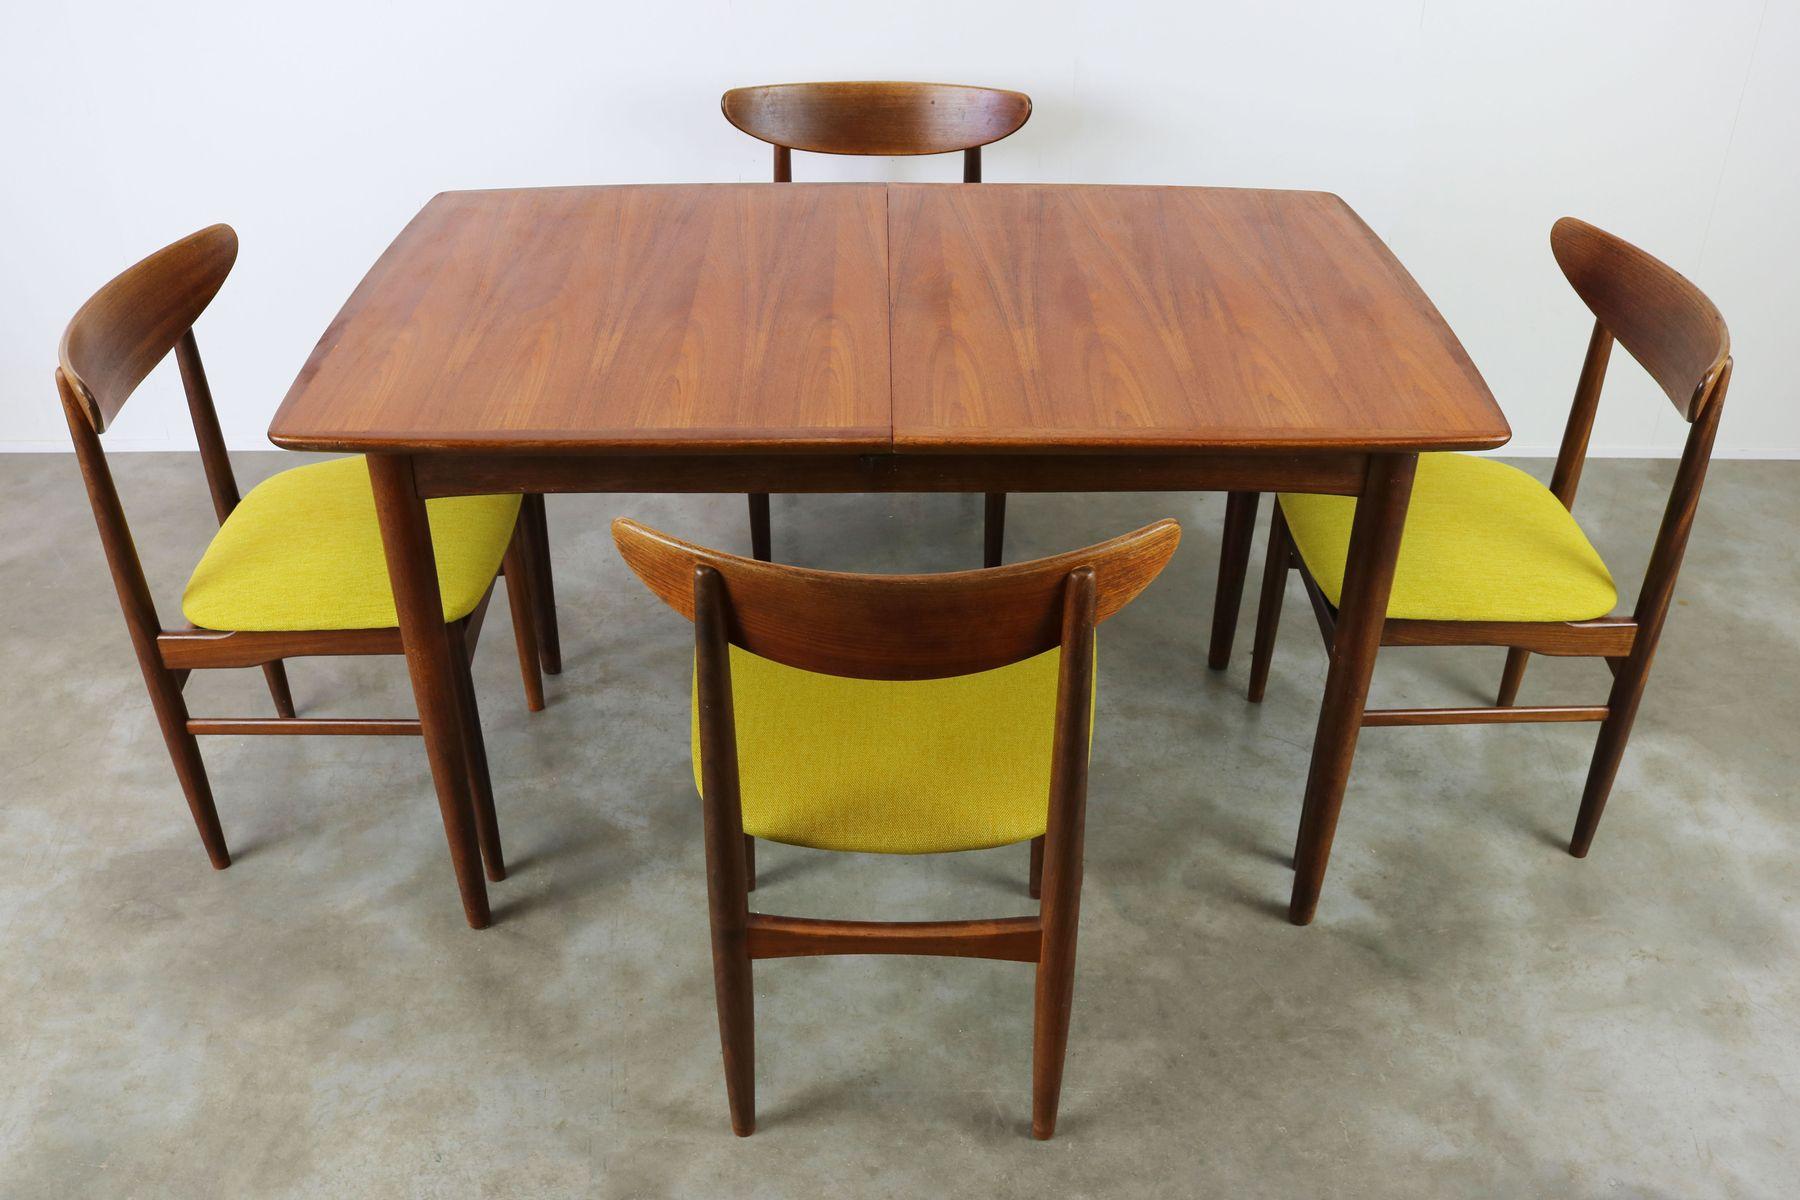 d nische ausziehbarer tisch 4 st hle von dyrlund 1950er bei pamono kaufen. Black Bedroom Furniture Sets. Home Design Ideas